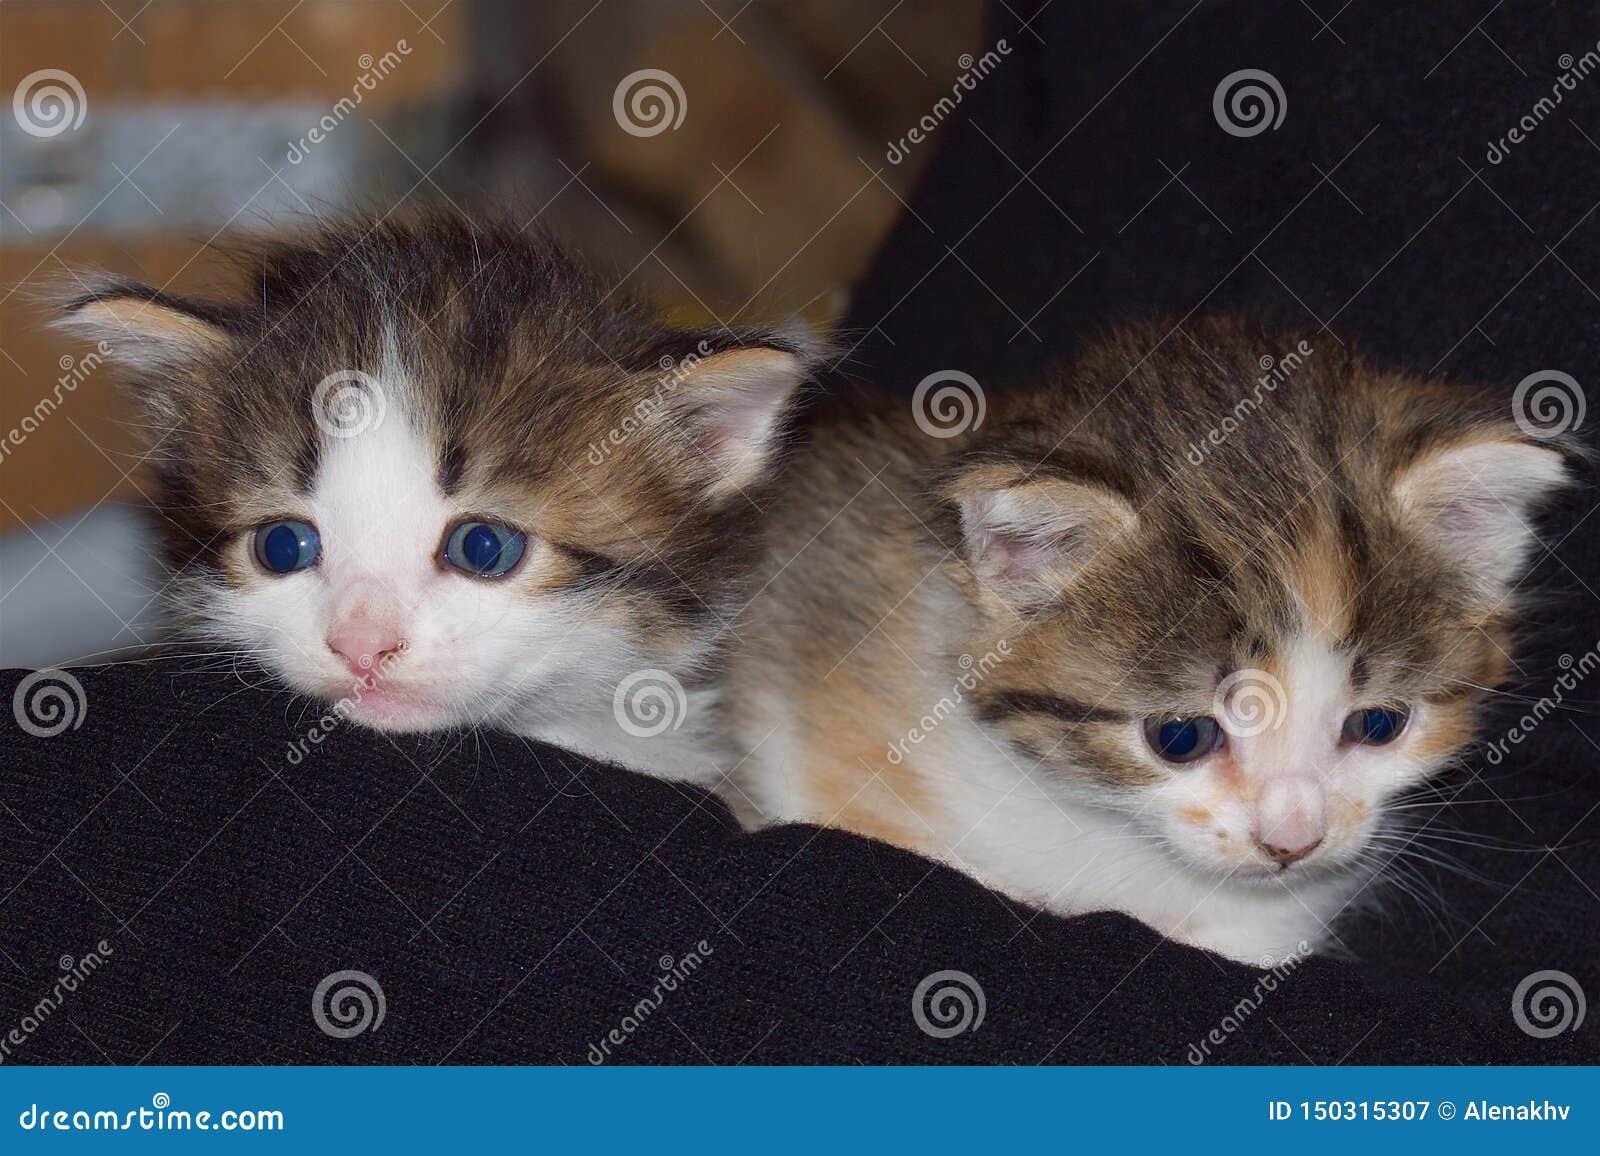 Deux chatons mélangés de couleurs sur un fond foncé